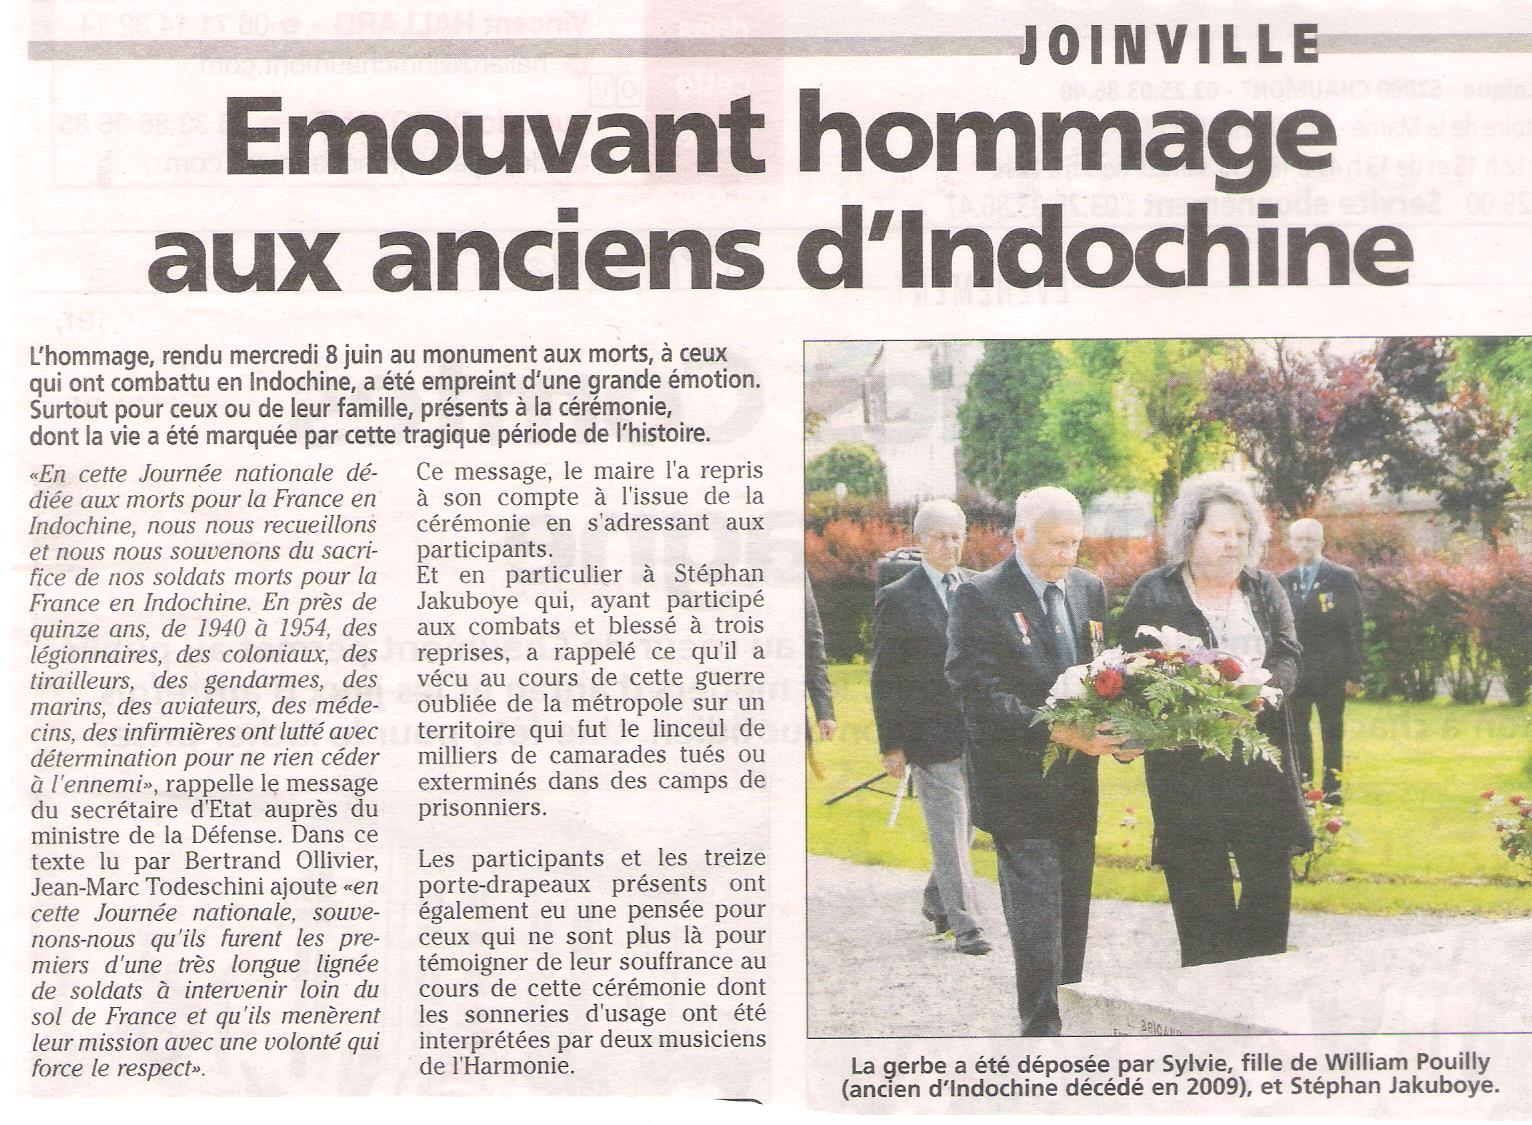 Journée nationale d'hommage aux morts pour la France en Indochine 001